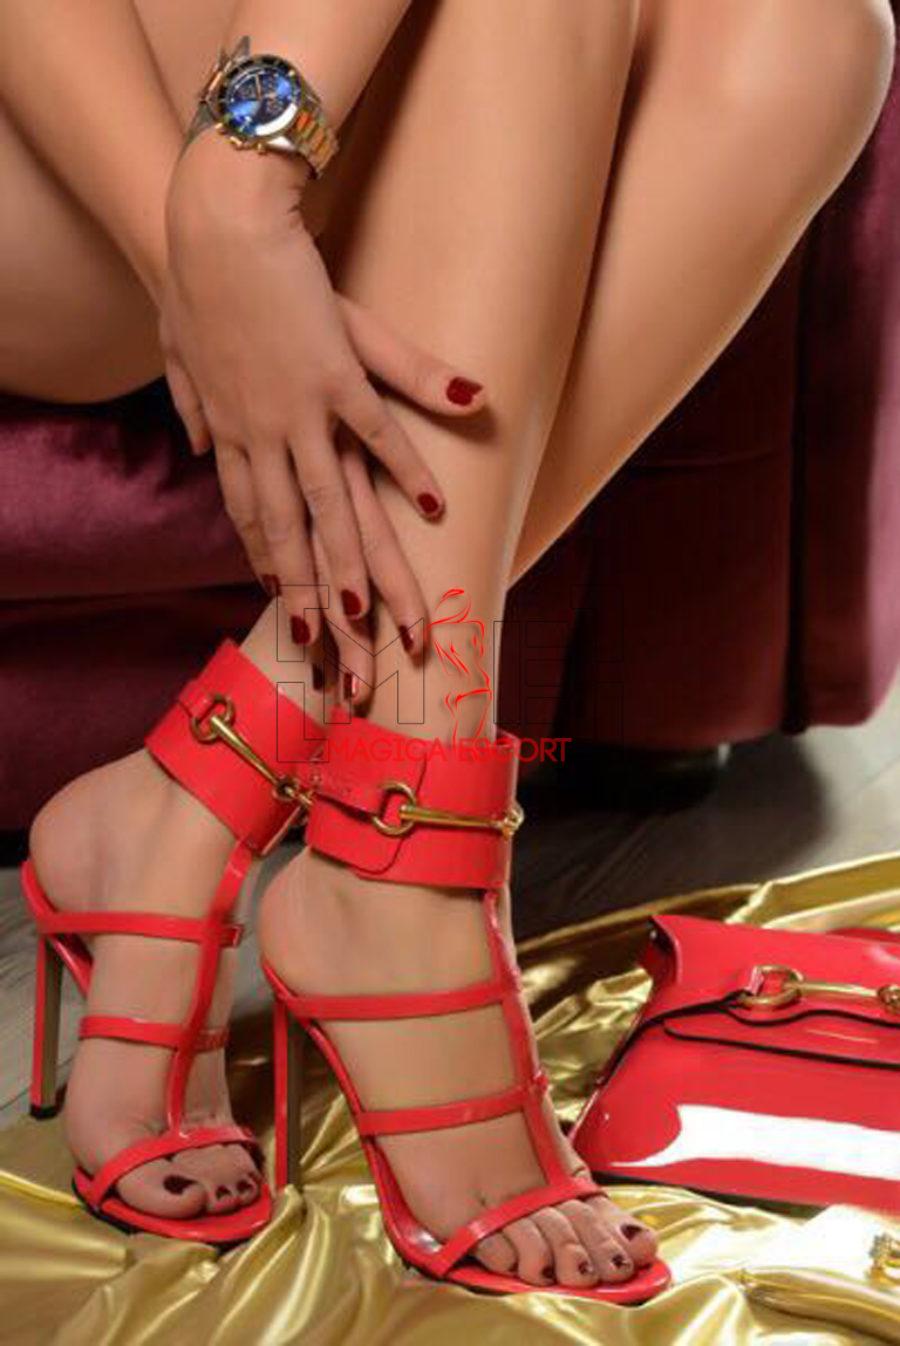 Marisol escort Bolzano esibisce i bellissimi piedi che indossano un meraviglioso paio di sandali di colore rosso.